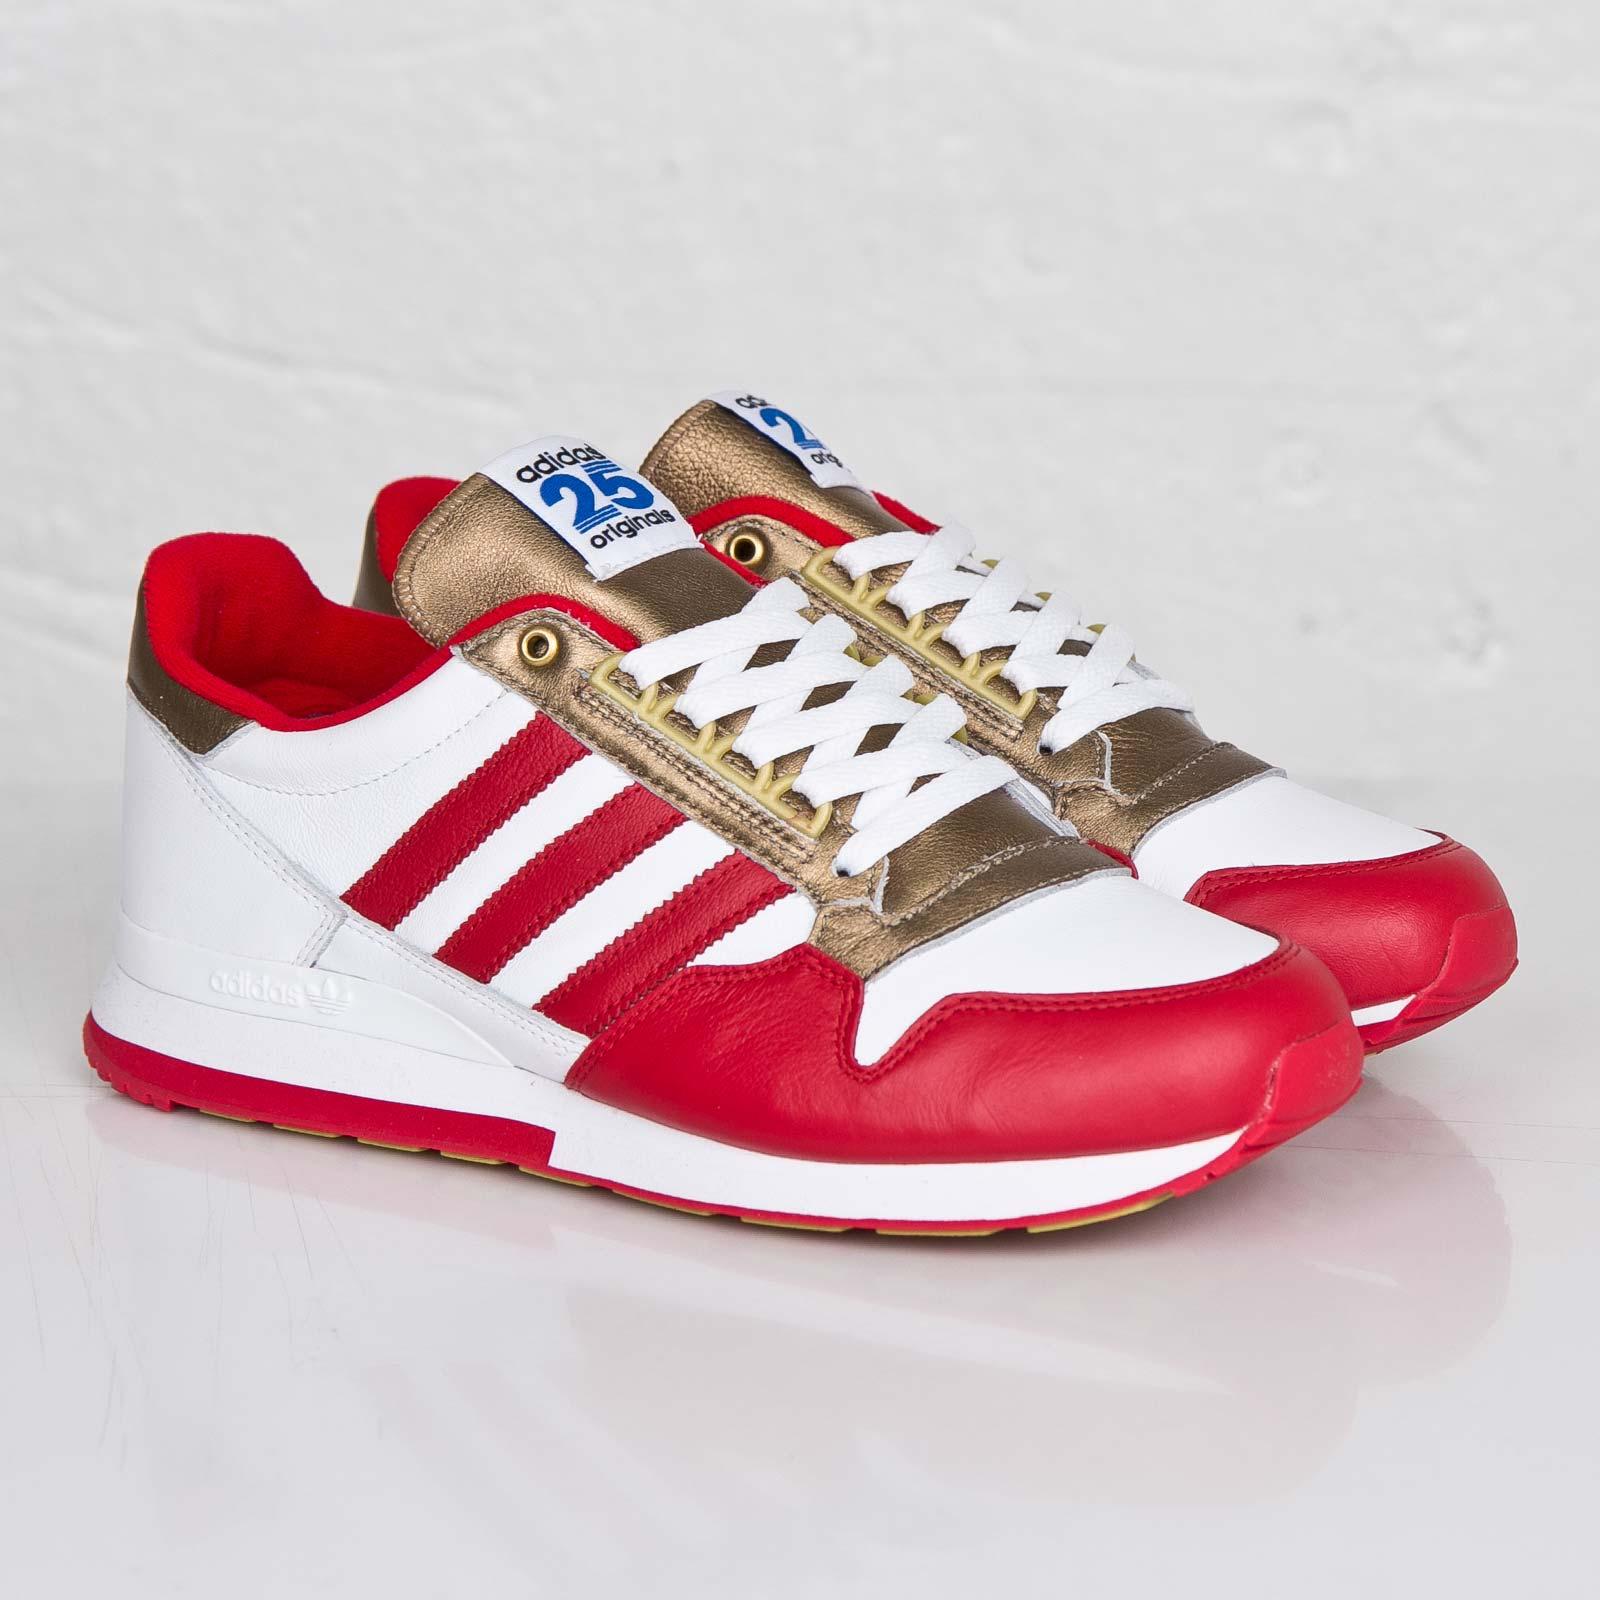 fb4a700ce adidas ZX 500 OG Nigo - M21519 - Sneakersnstuff